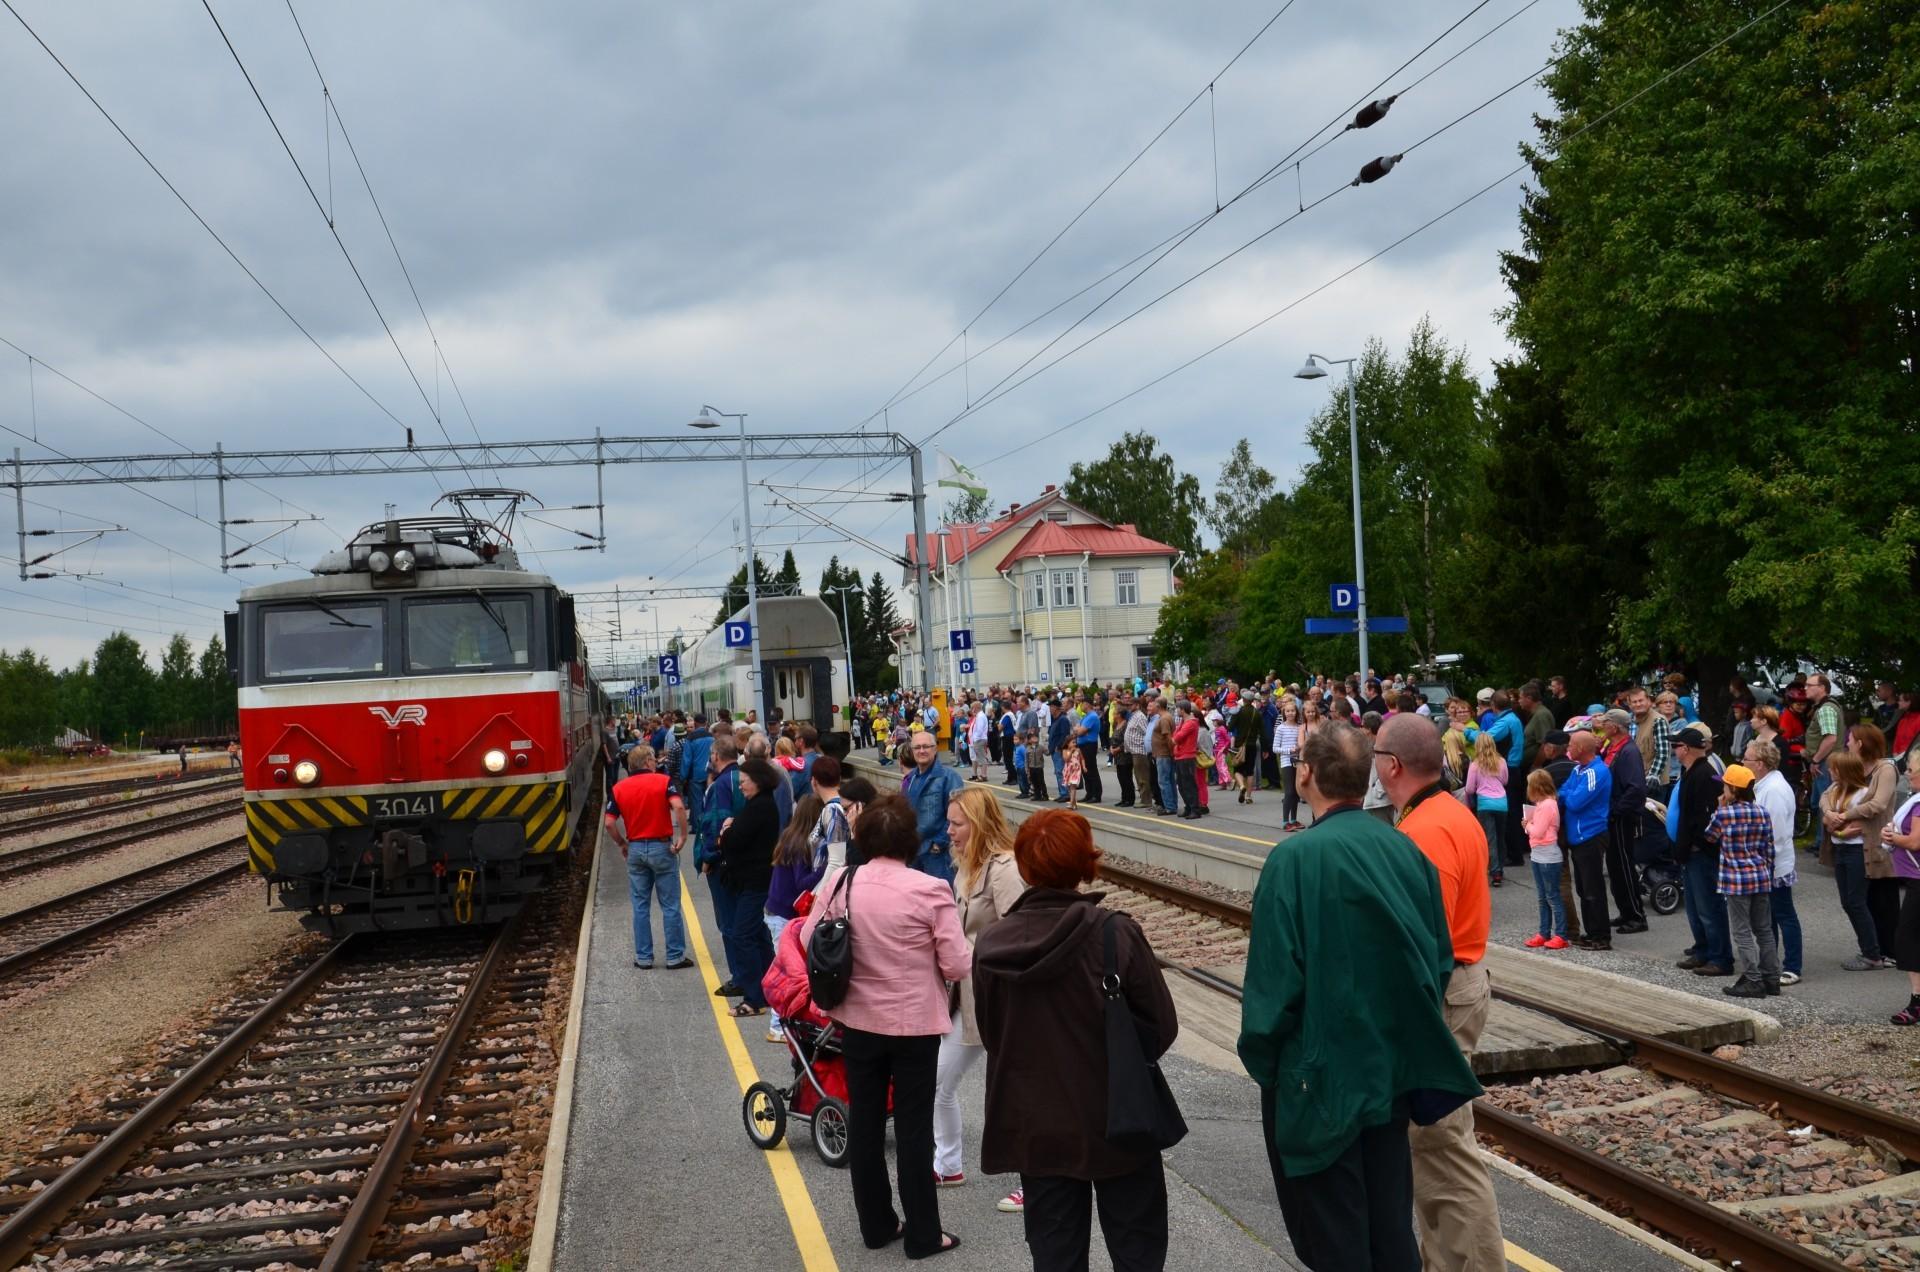 Sähköjunalla teki tiukkaa mahtua väkijoukon sekaan.